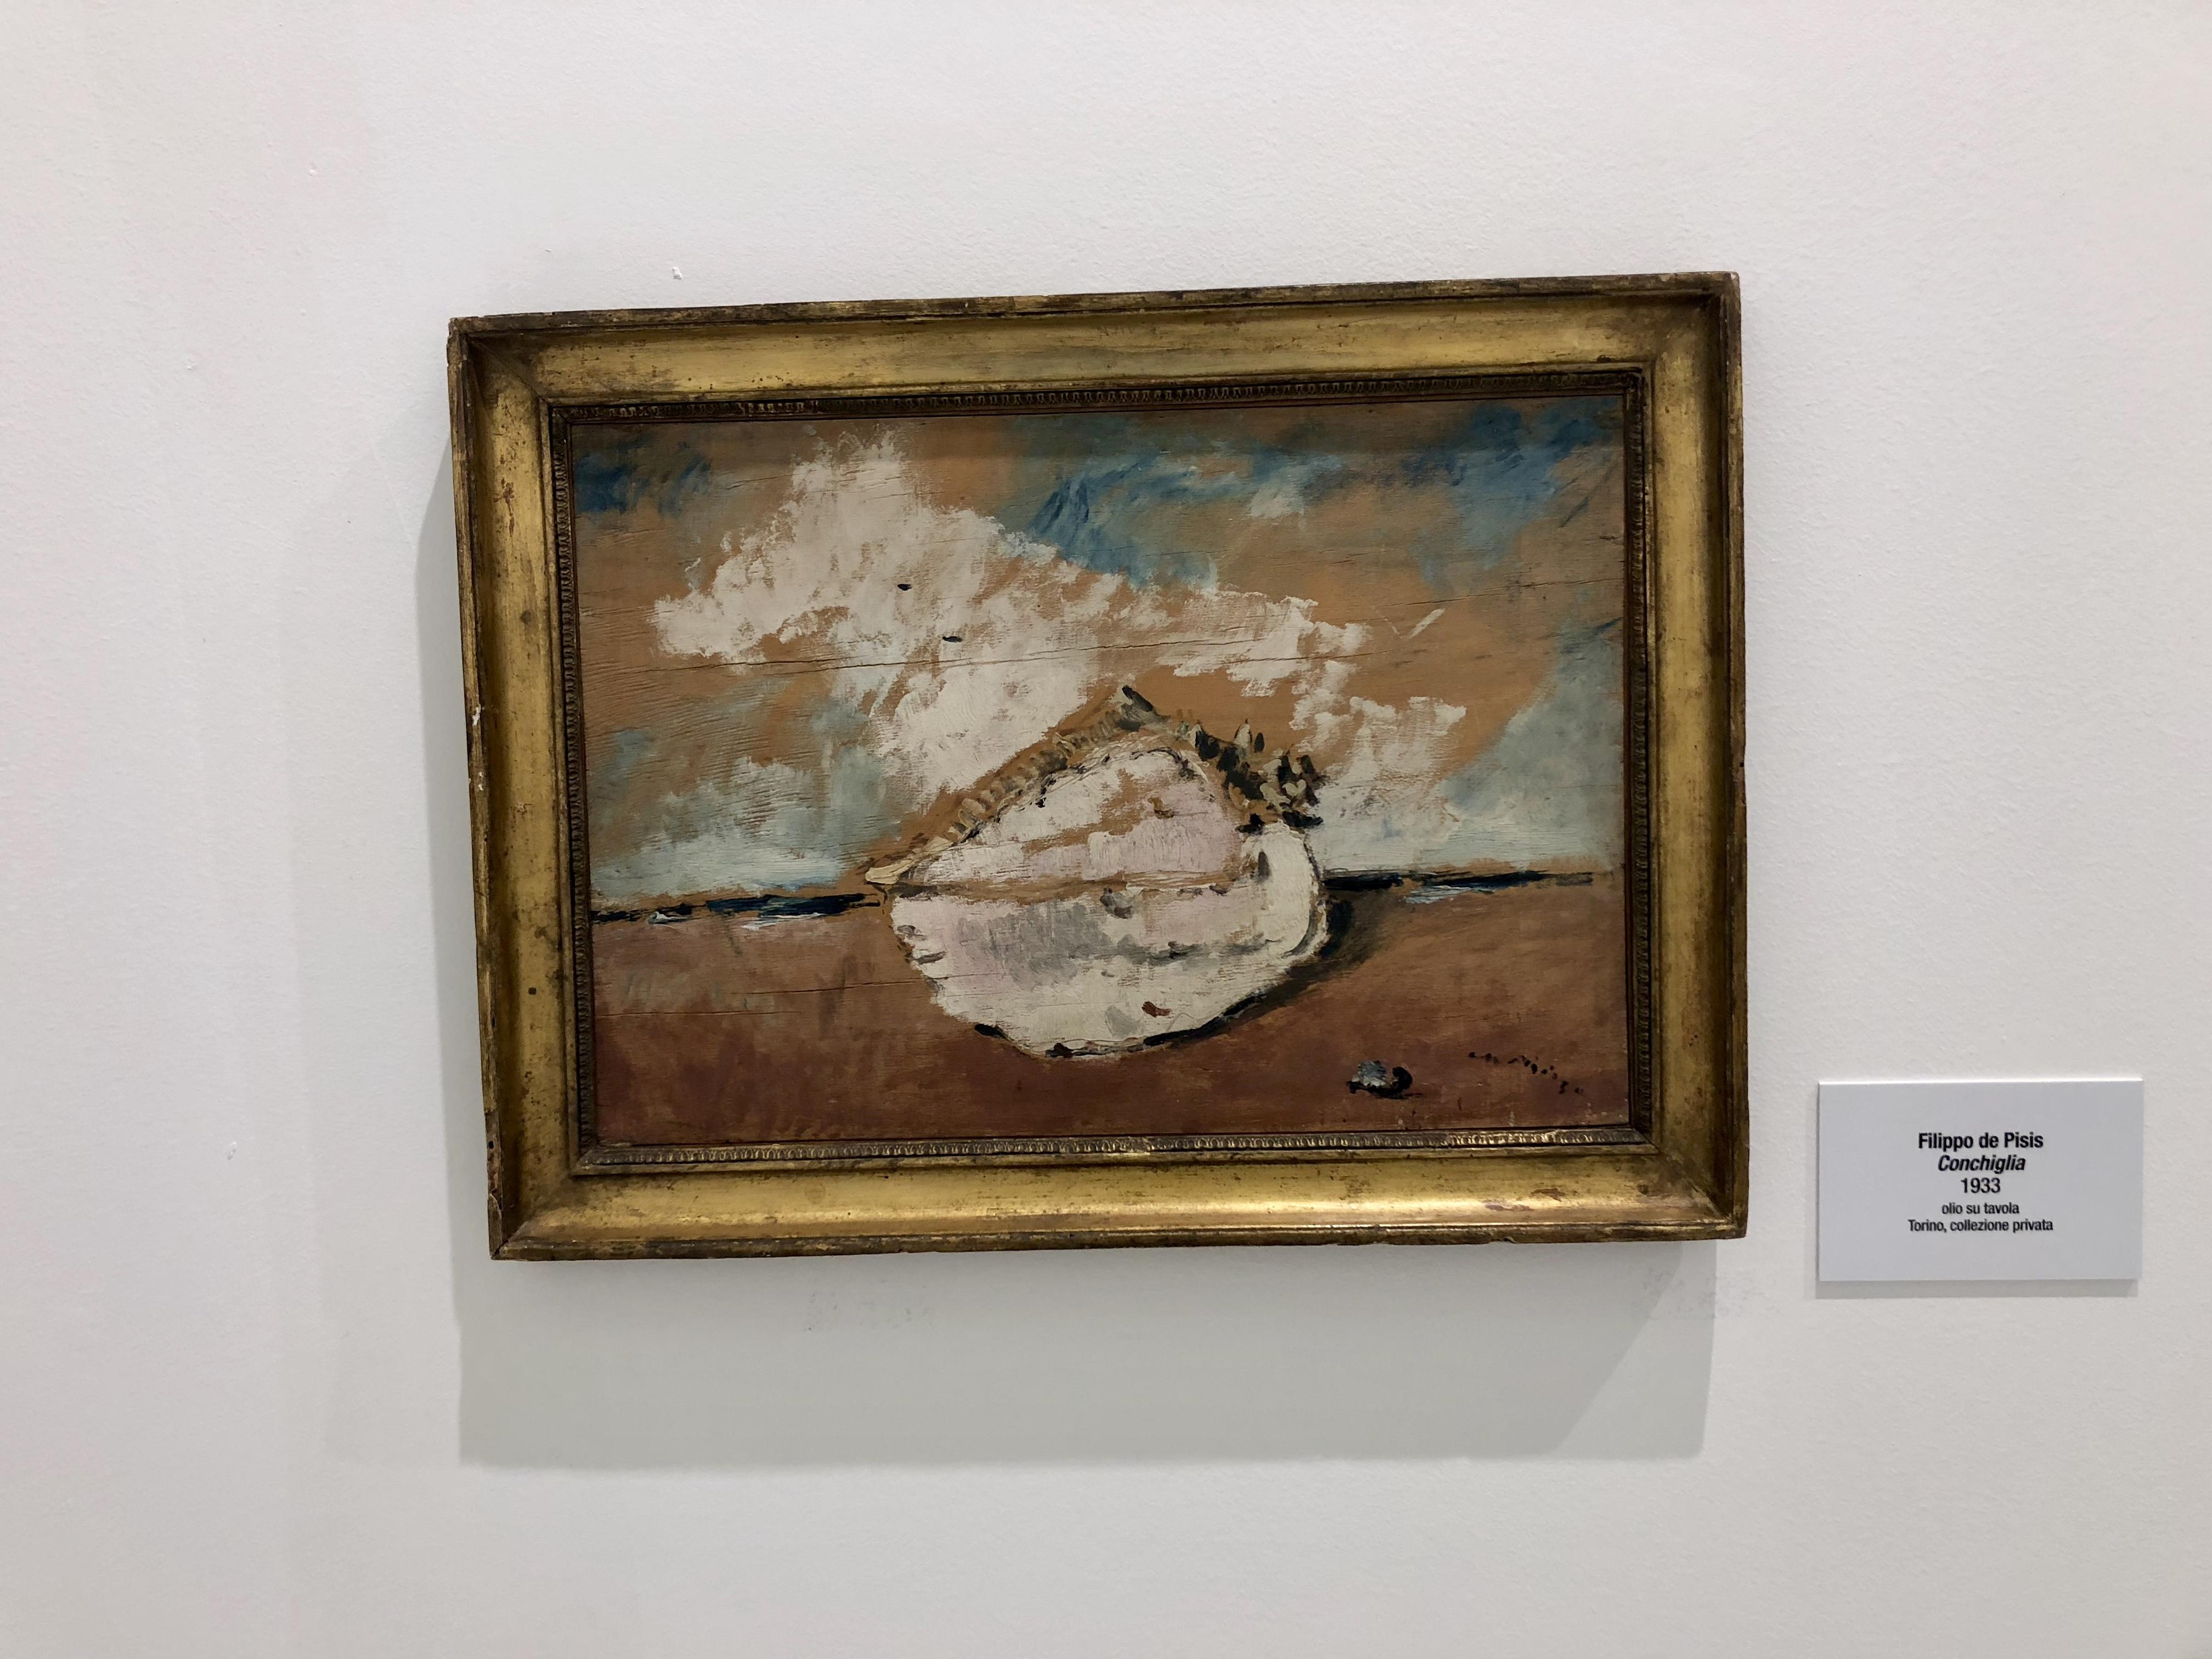 TalentiEventi_Filippo_De_Pisis_Eclettico_connoisseur_fra pittura_ musica_e_poesia_Museo_Ettore_Fico_4